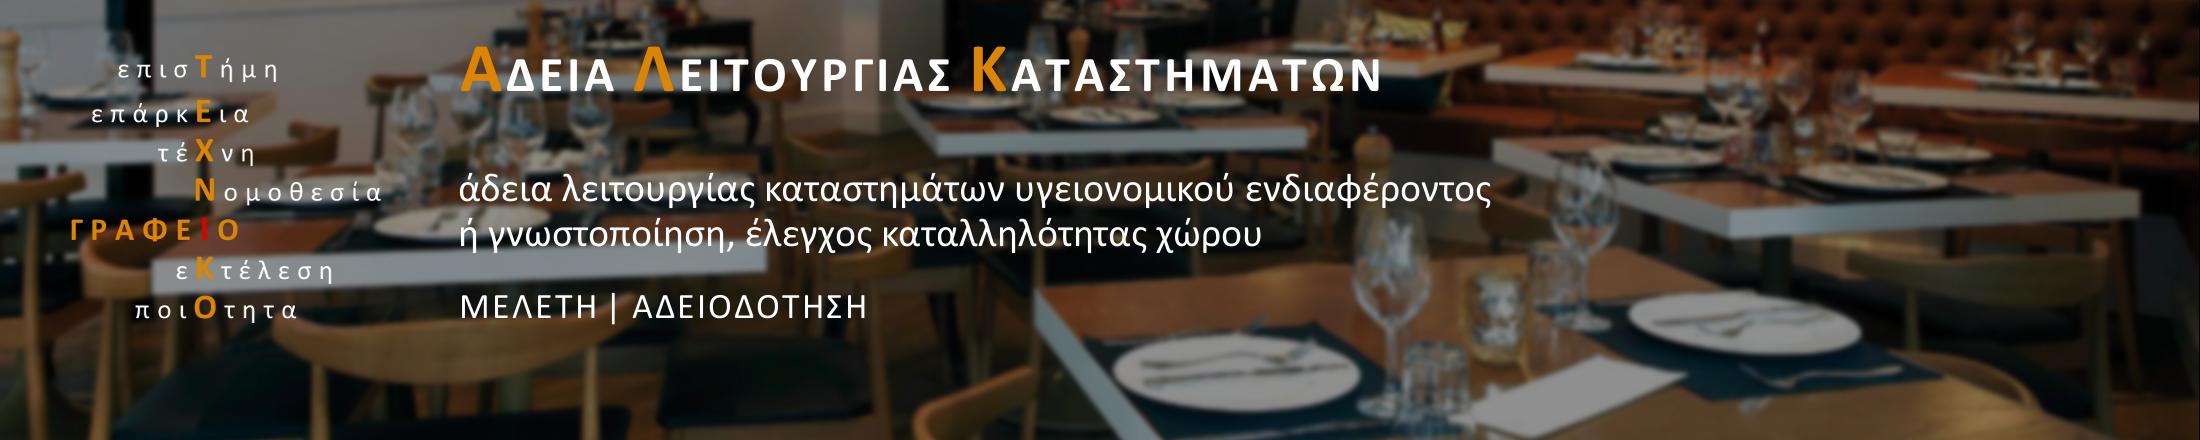 αδεια λειτουργιας, γνωστοποιηση, καταστημα, εστιατοριο, καφετερια, κομμωτηριο, κουριο, καφε, παντοπωλειο, προεγκριση